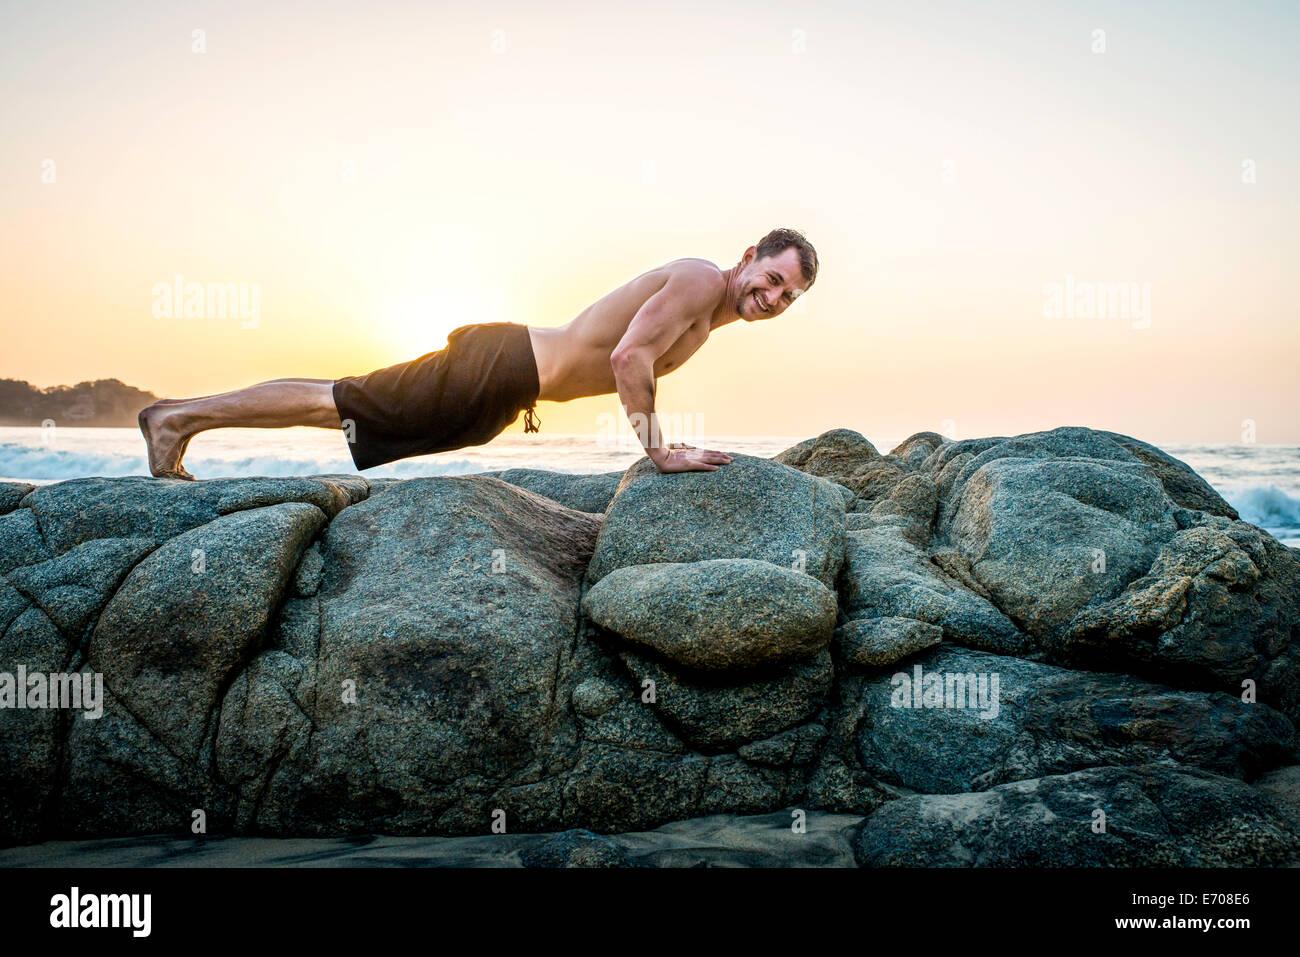 Mitad hombre adulto haciendo flexiones sobre rocas en la playa Imagen De Stock